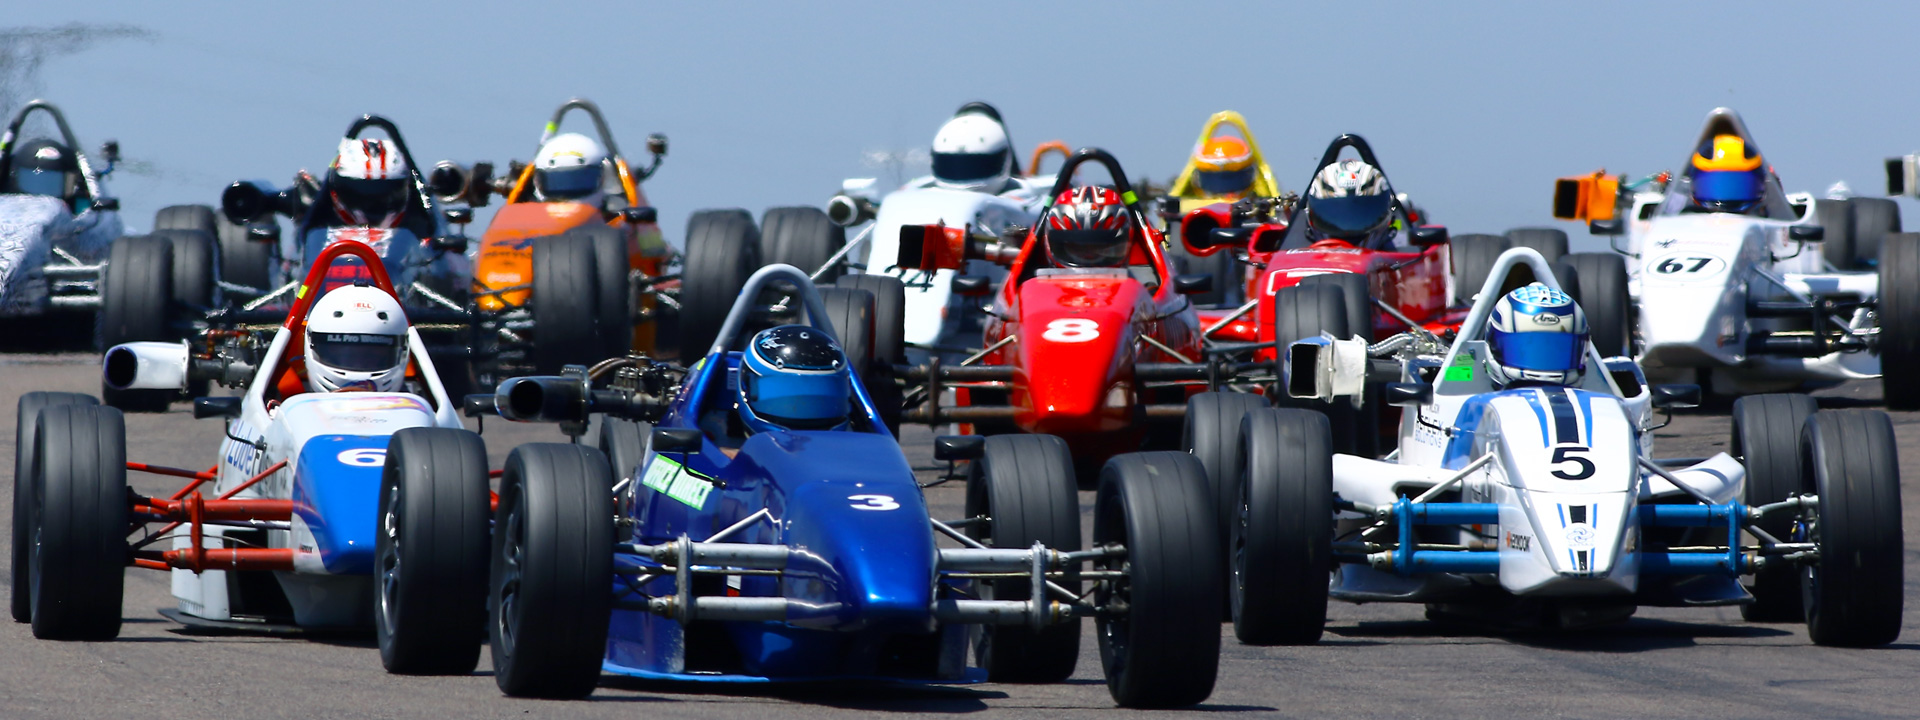 Hankook Formula Vee Round 3 - 21 May 2016 - Zwartkops Raceway - Race Preview